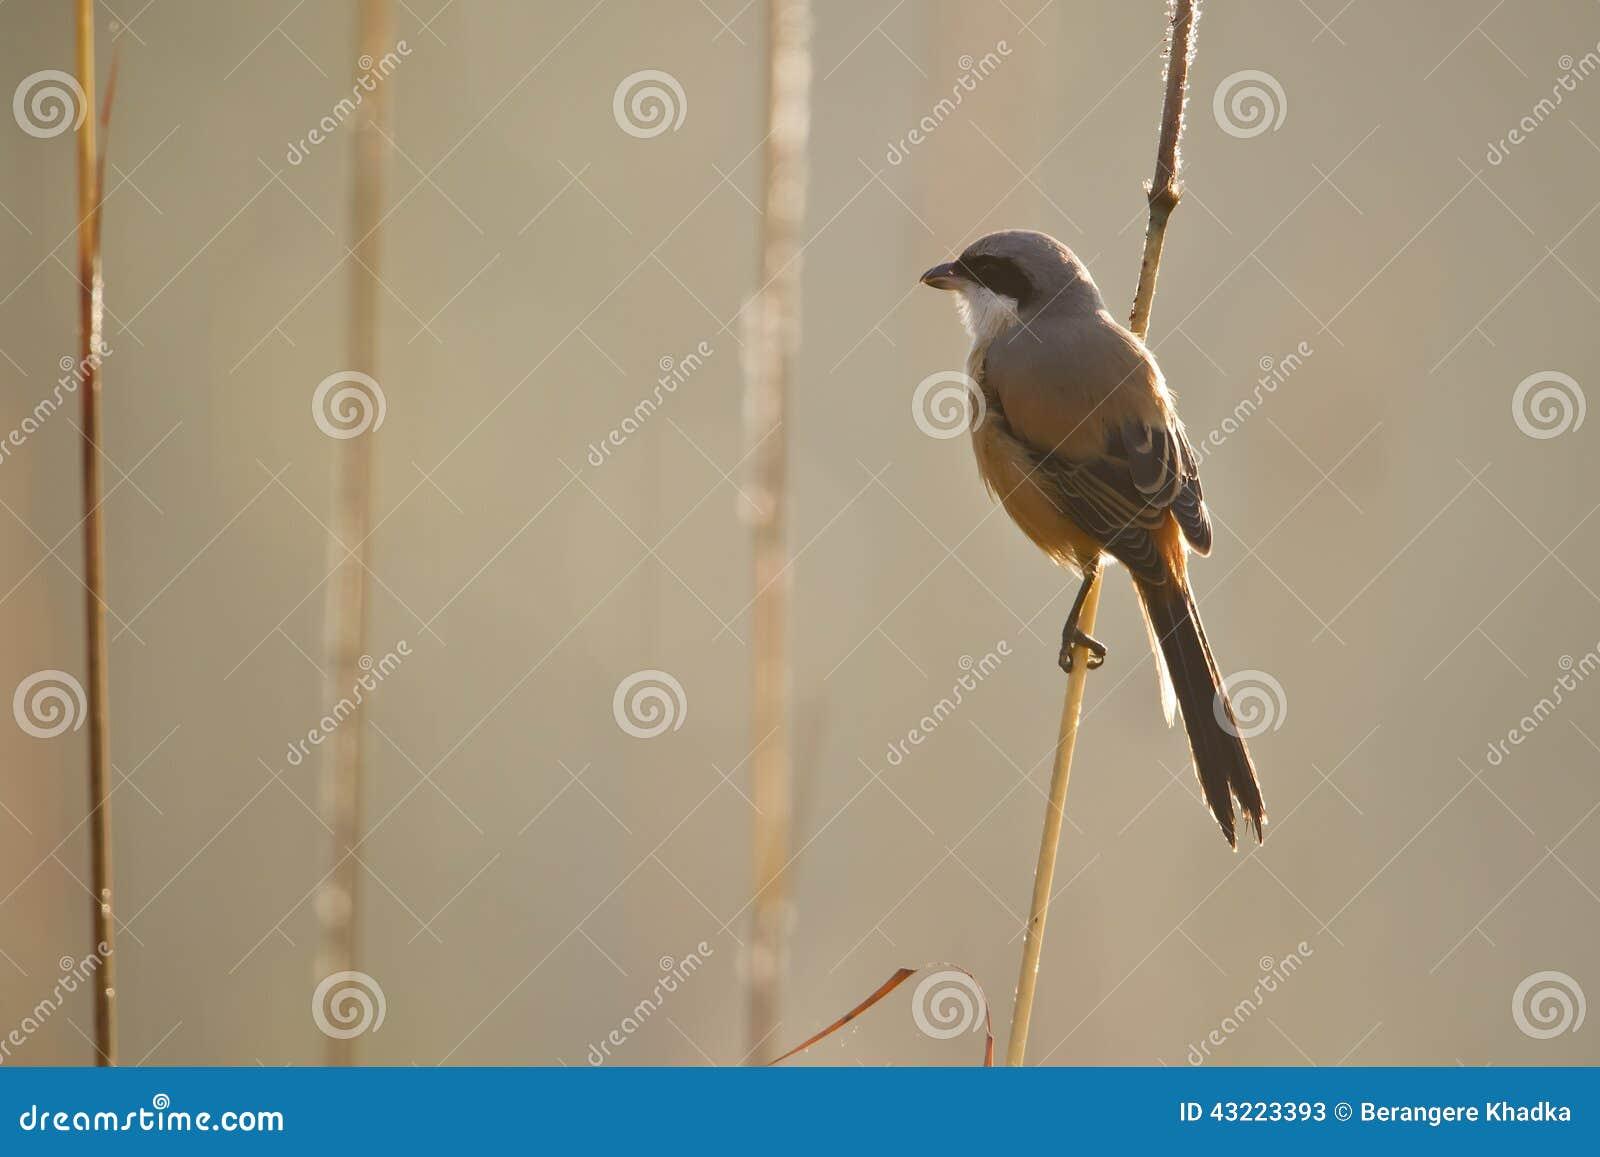 oiseau long coup la queue de pie gri che au n pal photo stock image 43223393. Black Bedroom Furniture Sets. Home Design Ideas